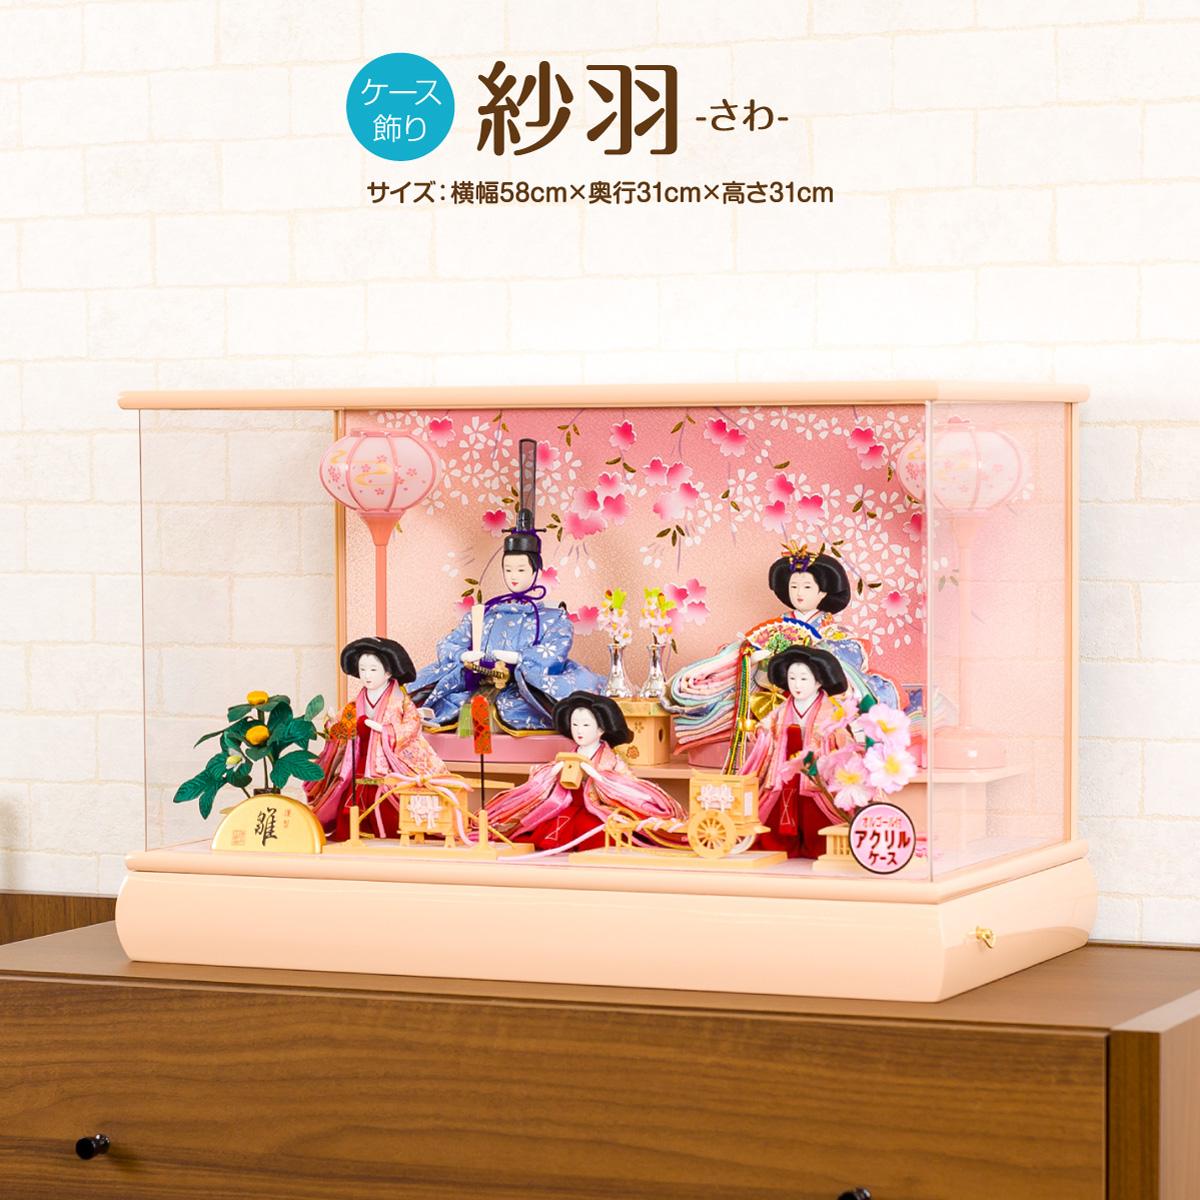 雛人形ケース飾り 紗羽(さわ) 三人官女 五人飾り ひな人形 小さい コンパクト 特選